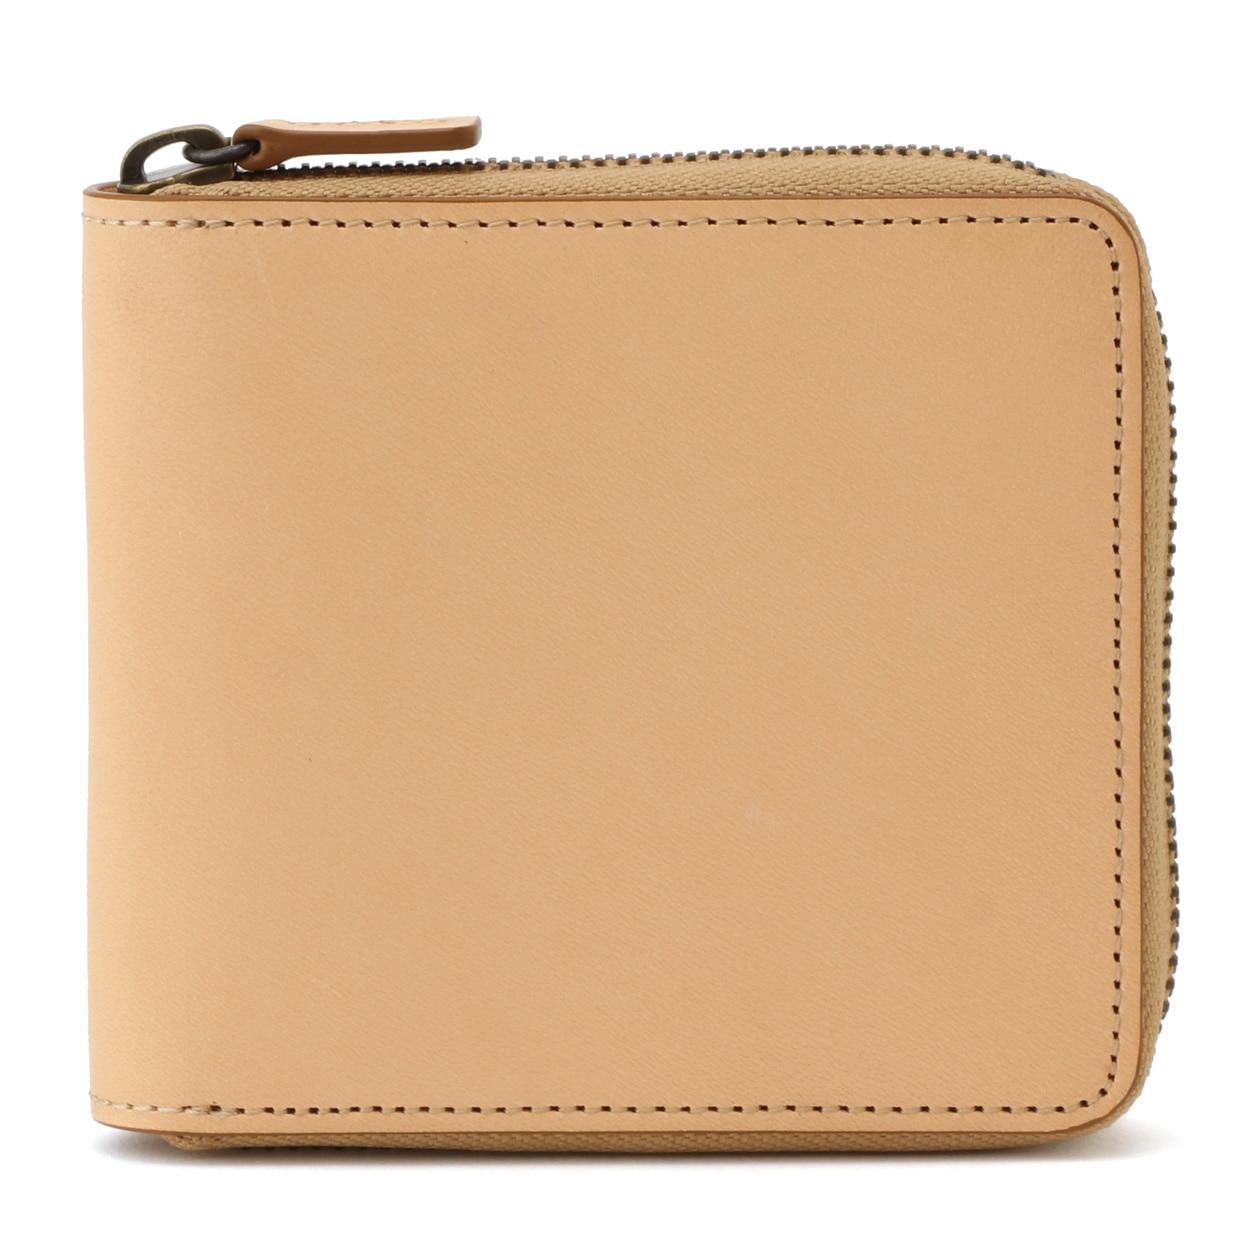 イタリア産ヌメ革ラウンドファスナー二つ折り財布